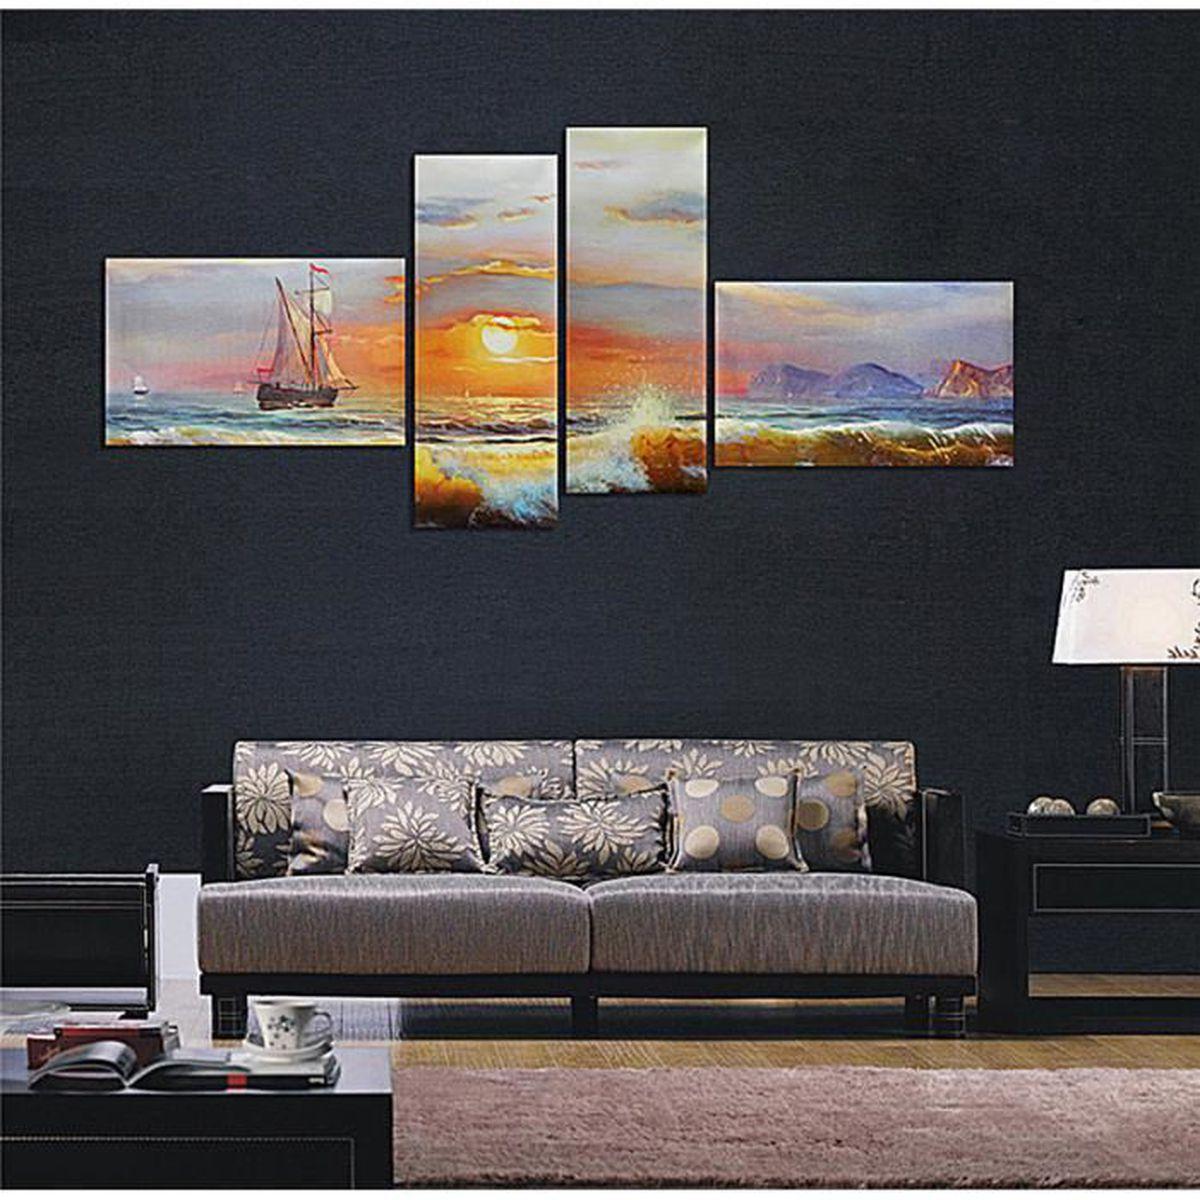 Tableau peinture achat vente tableau peinture pas cher cdiscount - Tableau peinture moderne pas cher ...